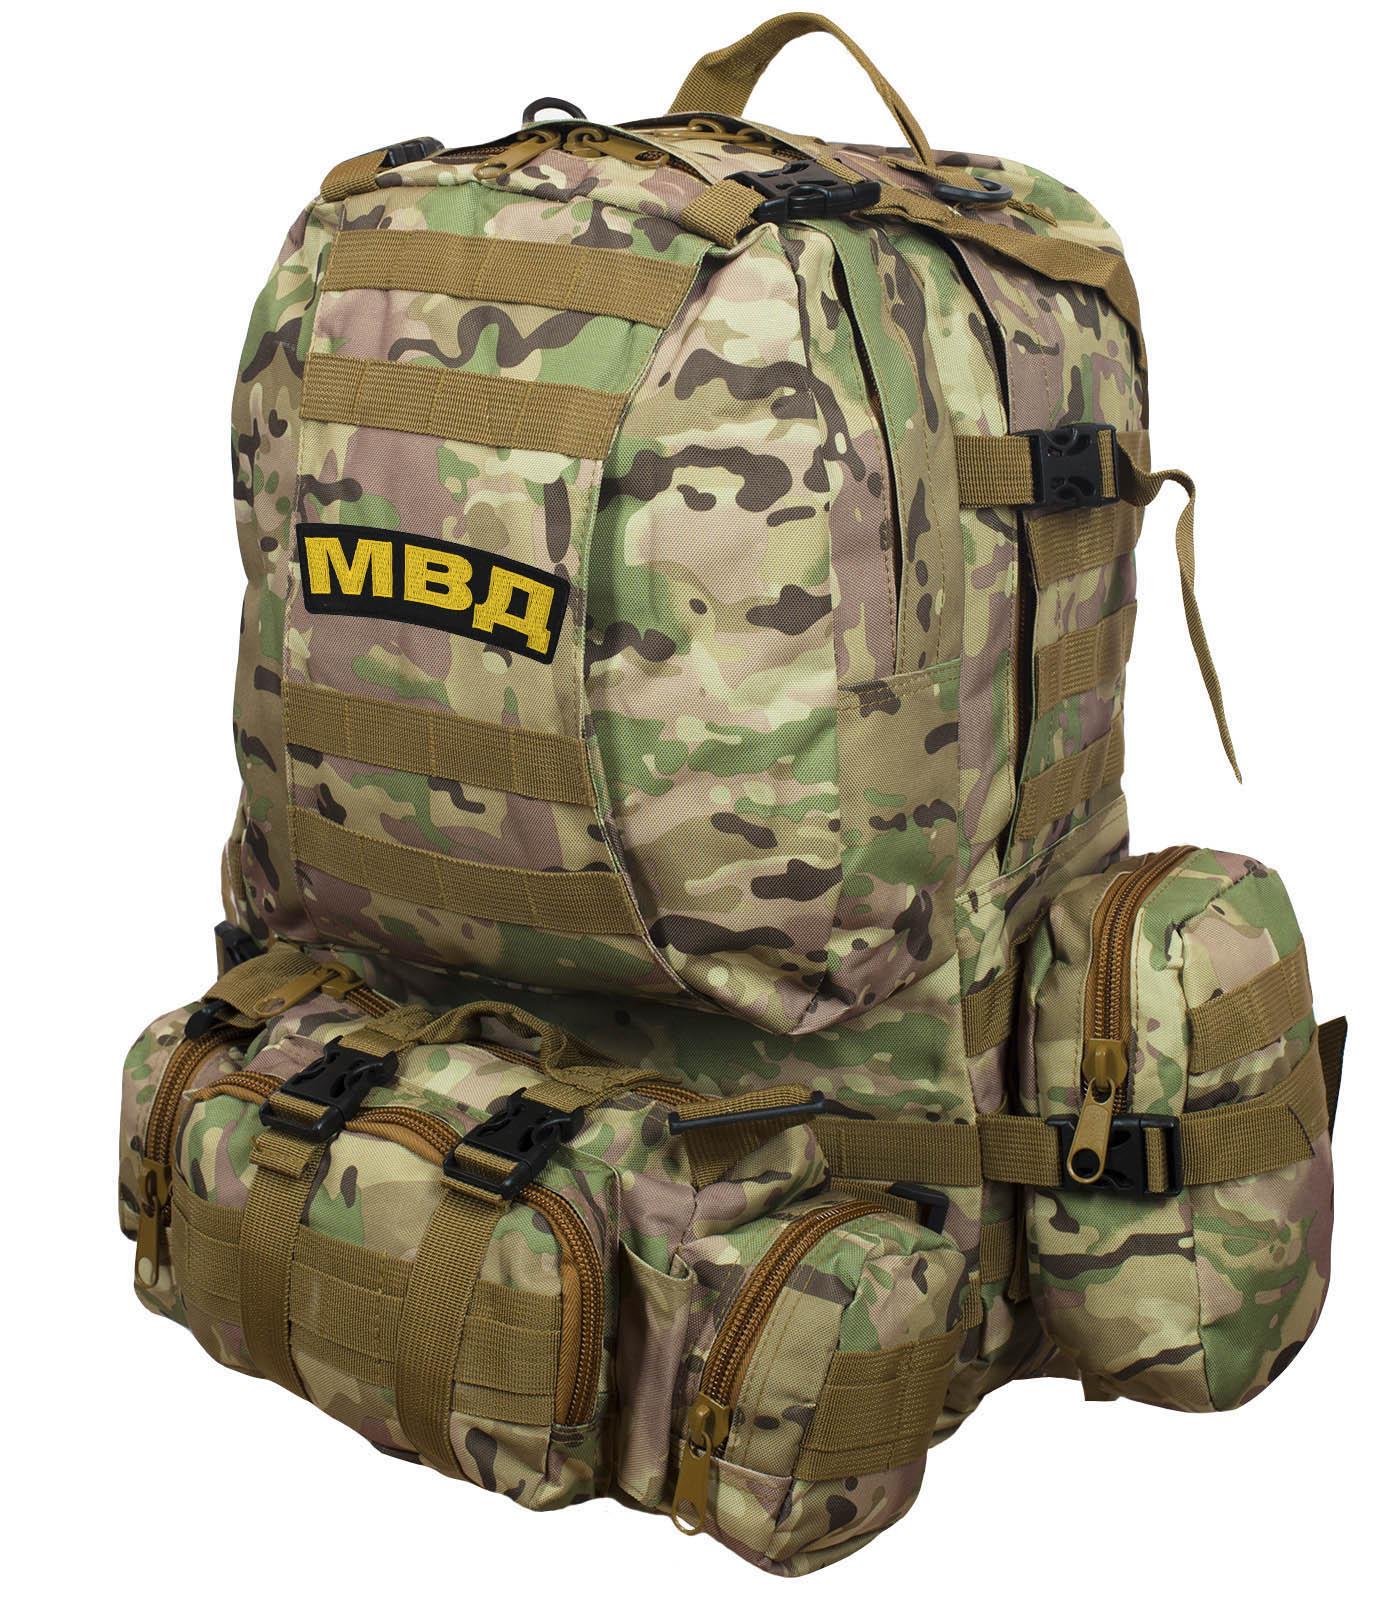 Функциональный армейский рюкзак МВД от ТМ US Assault - заказать выгодно